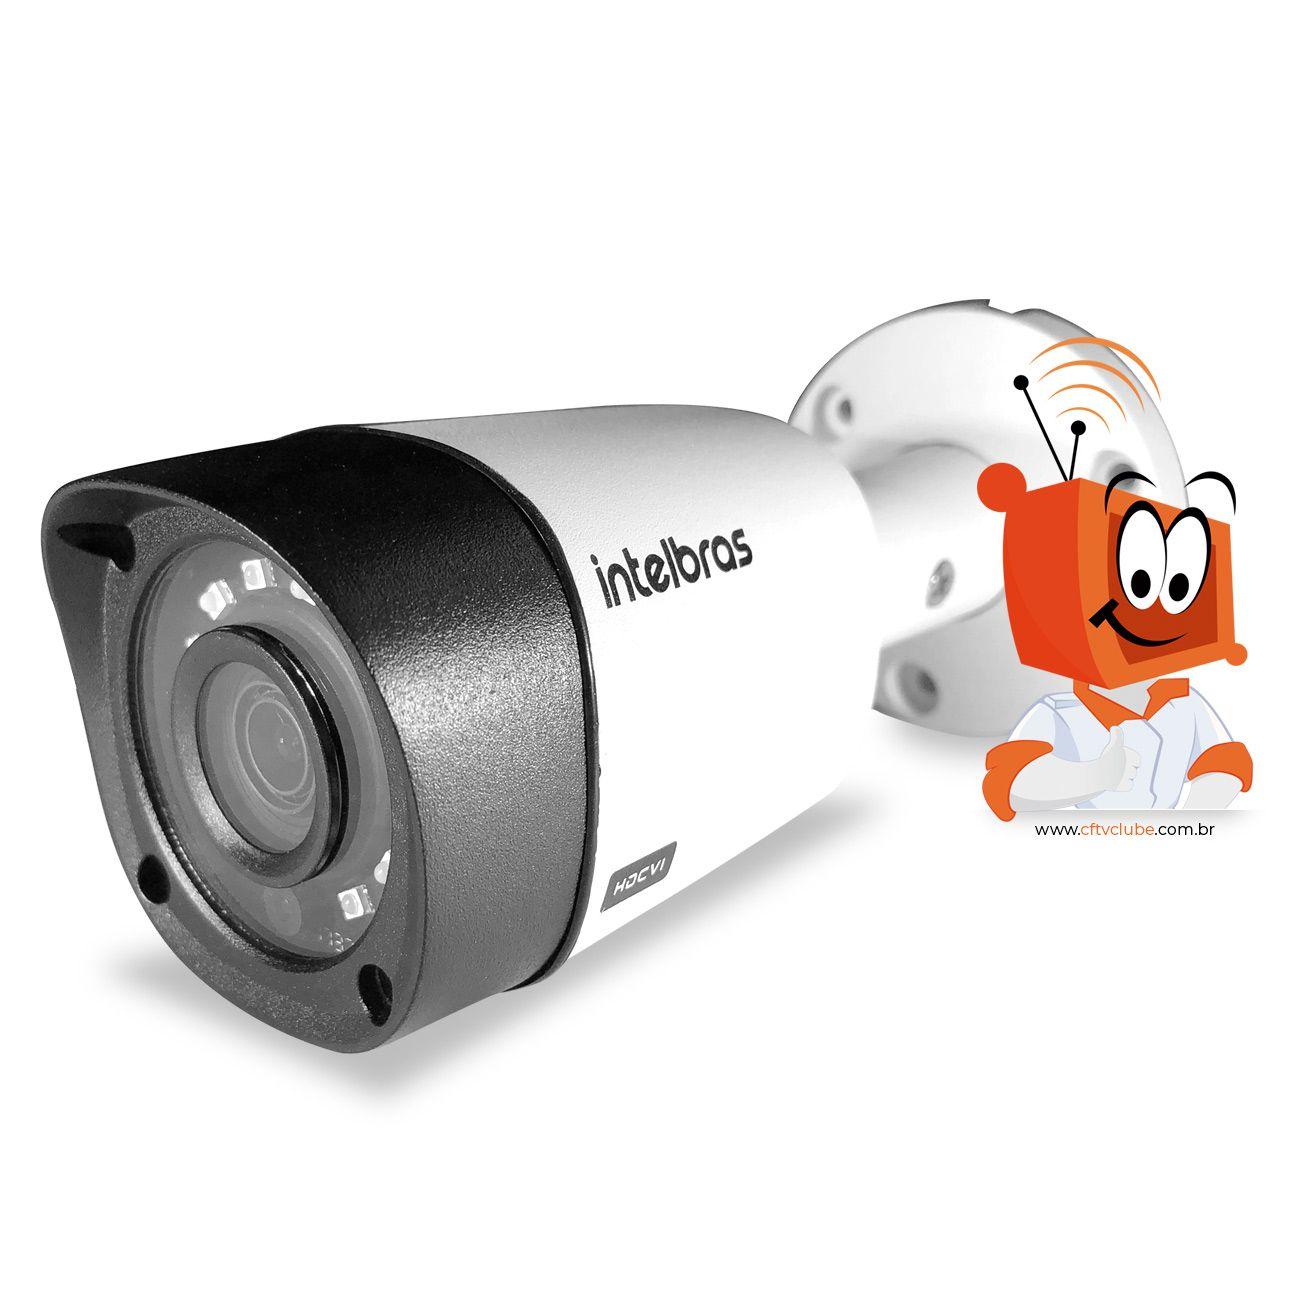 Super Kit Exclusivo Intelbras Completo Alta Definição Edição Especial - 16 Câmeras - 1 Mega HD   - CFTV Clube | Brasil